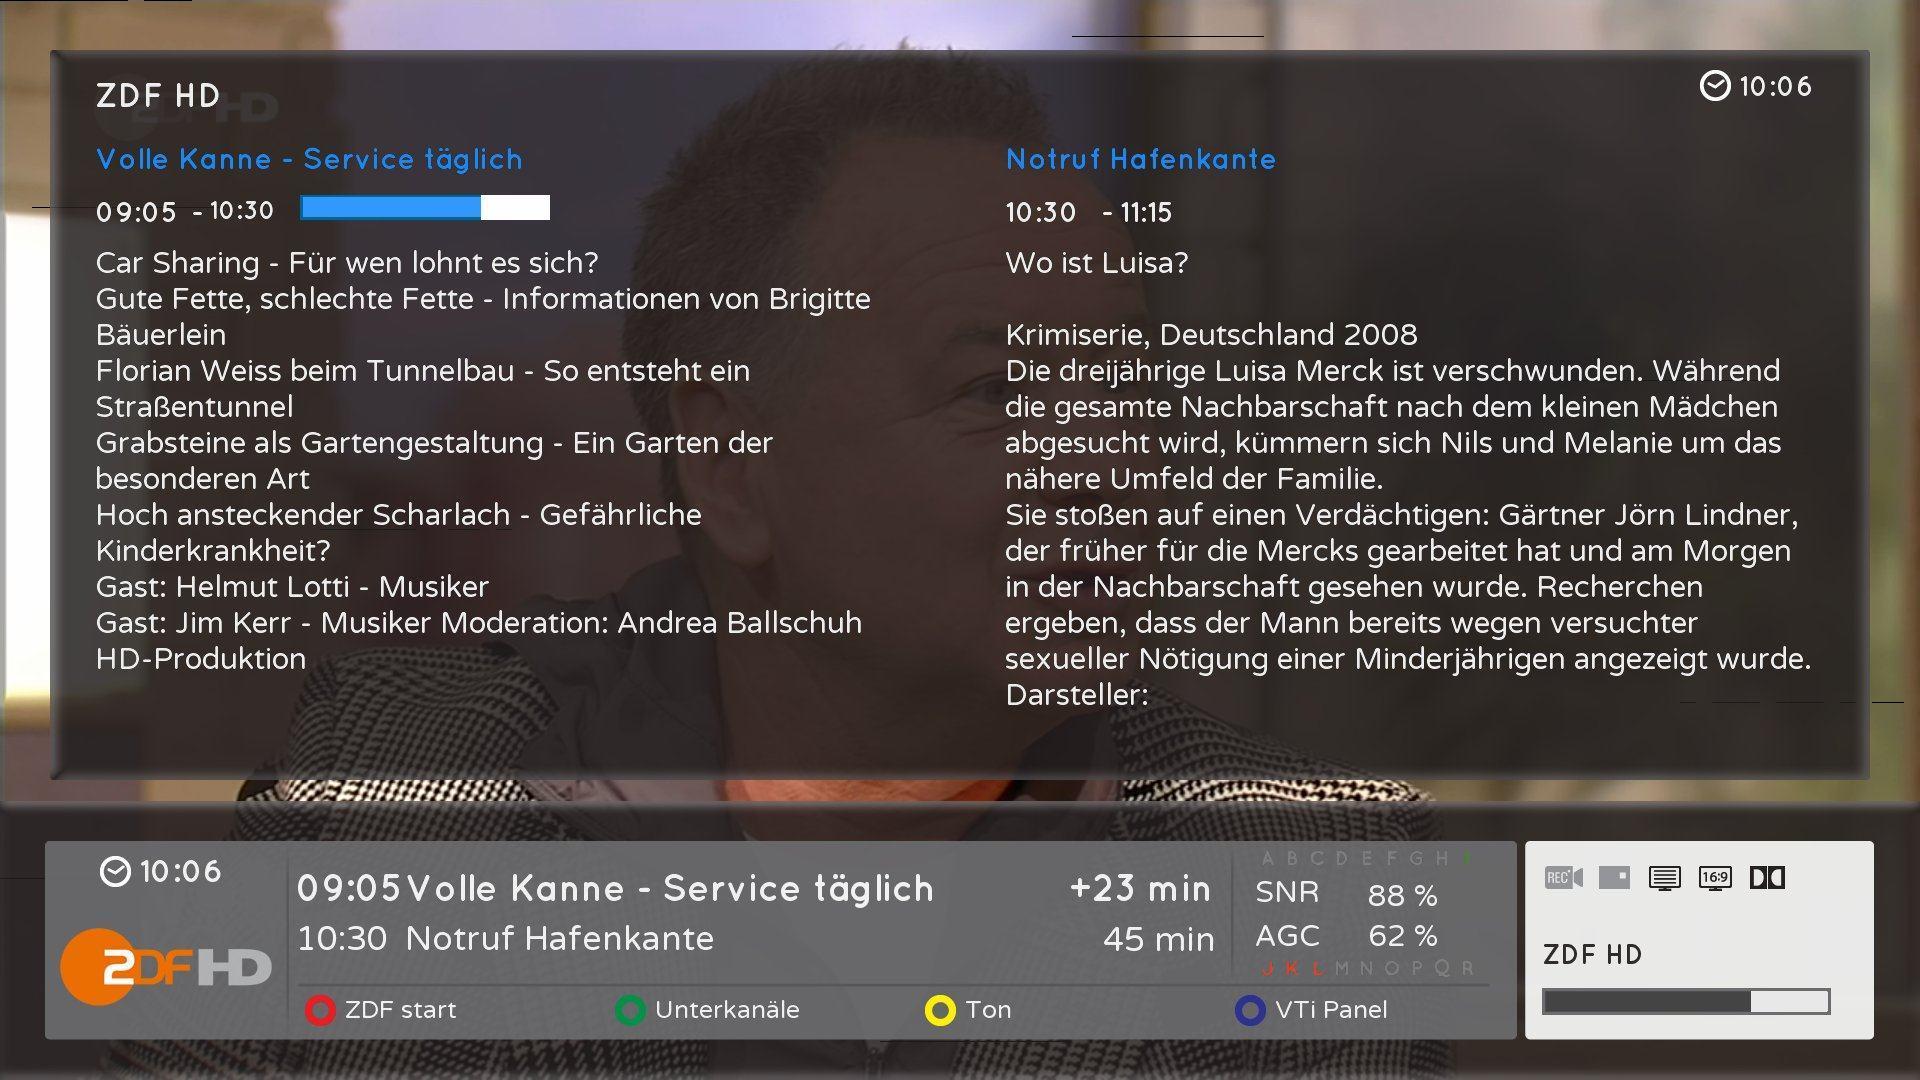 VTi 11.0 Image passend zum Start der VU+ Uno 4K erschienen 26